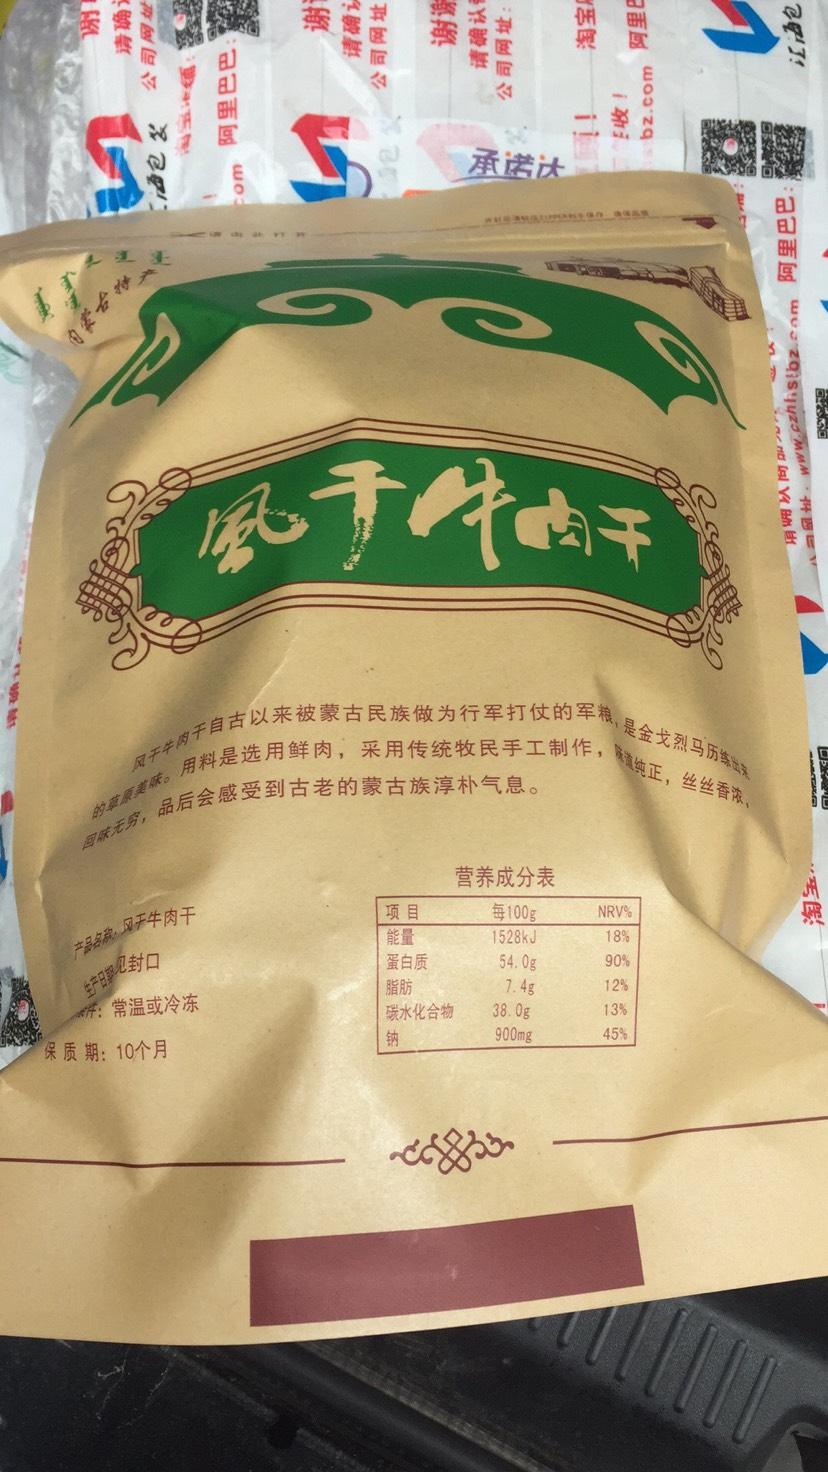 [干巴牛肉批发]干巴牛肉 熟肉价格158元/斤